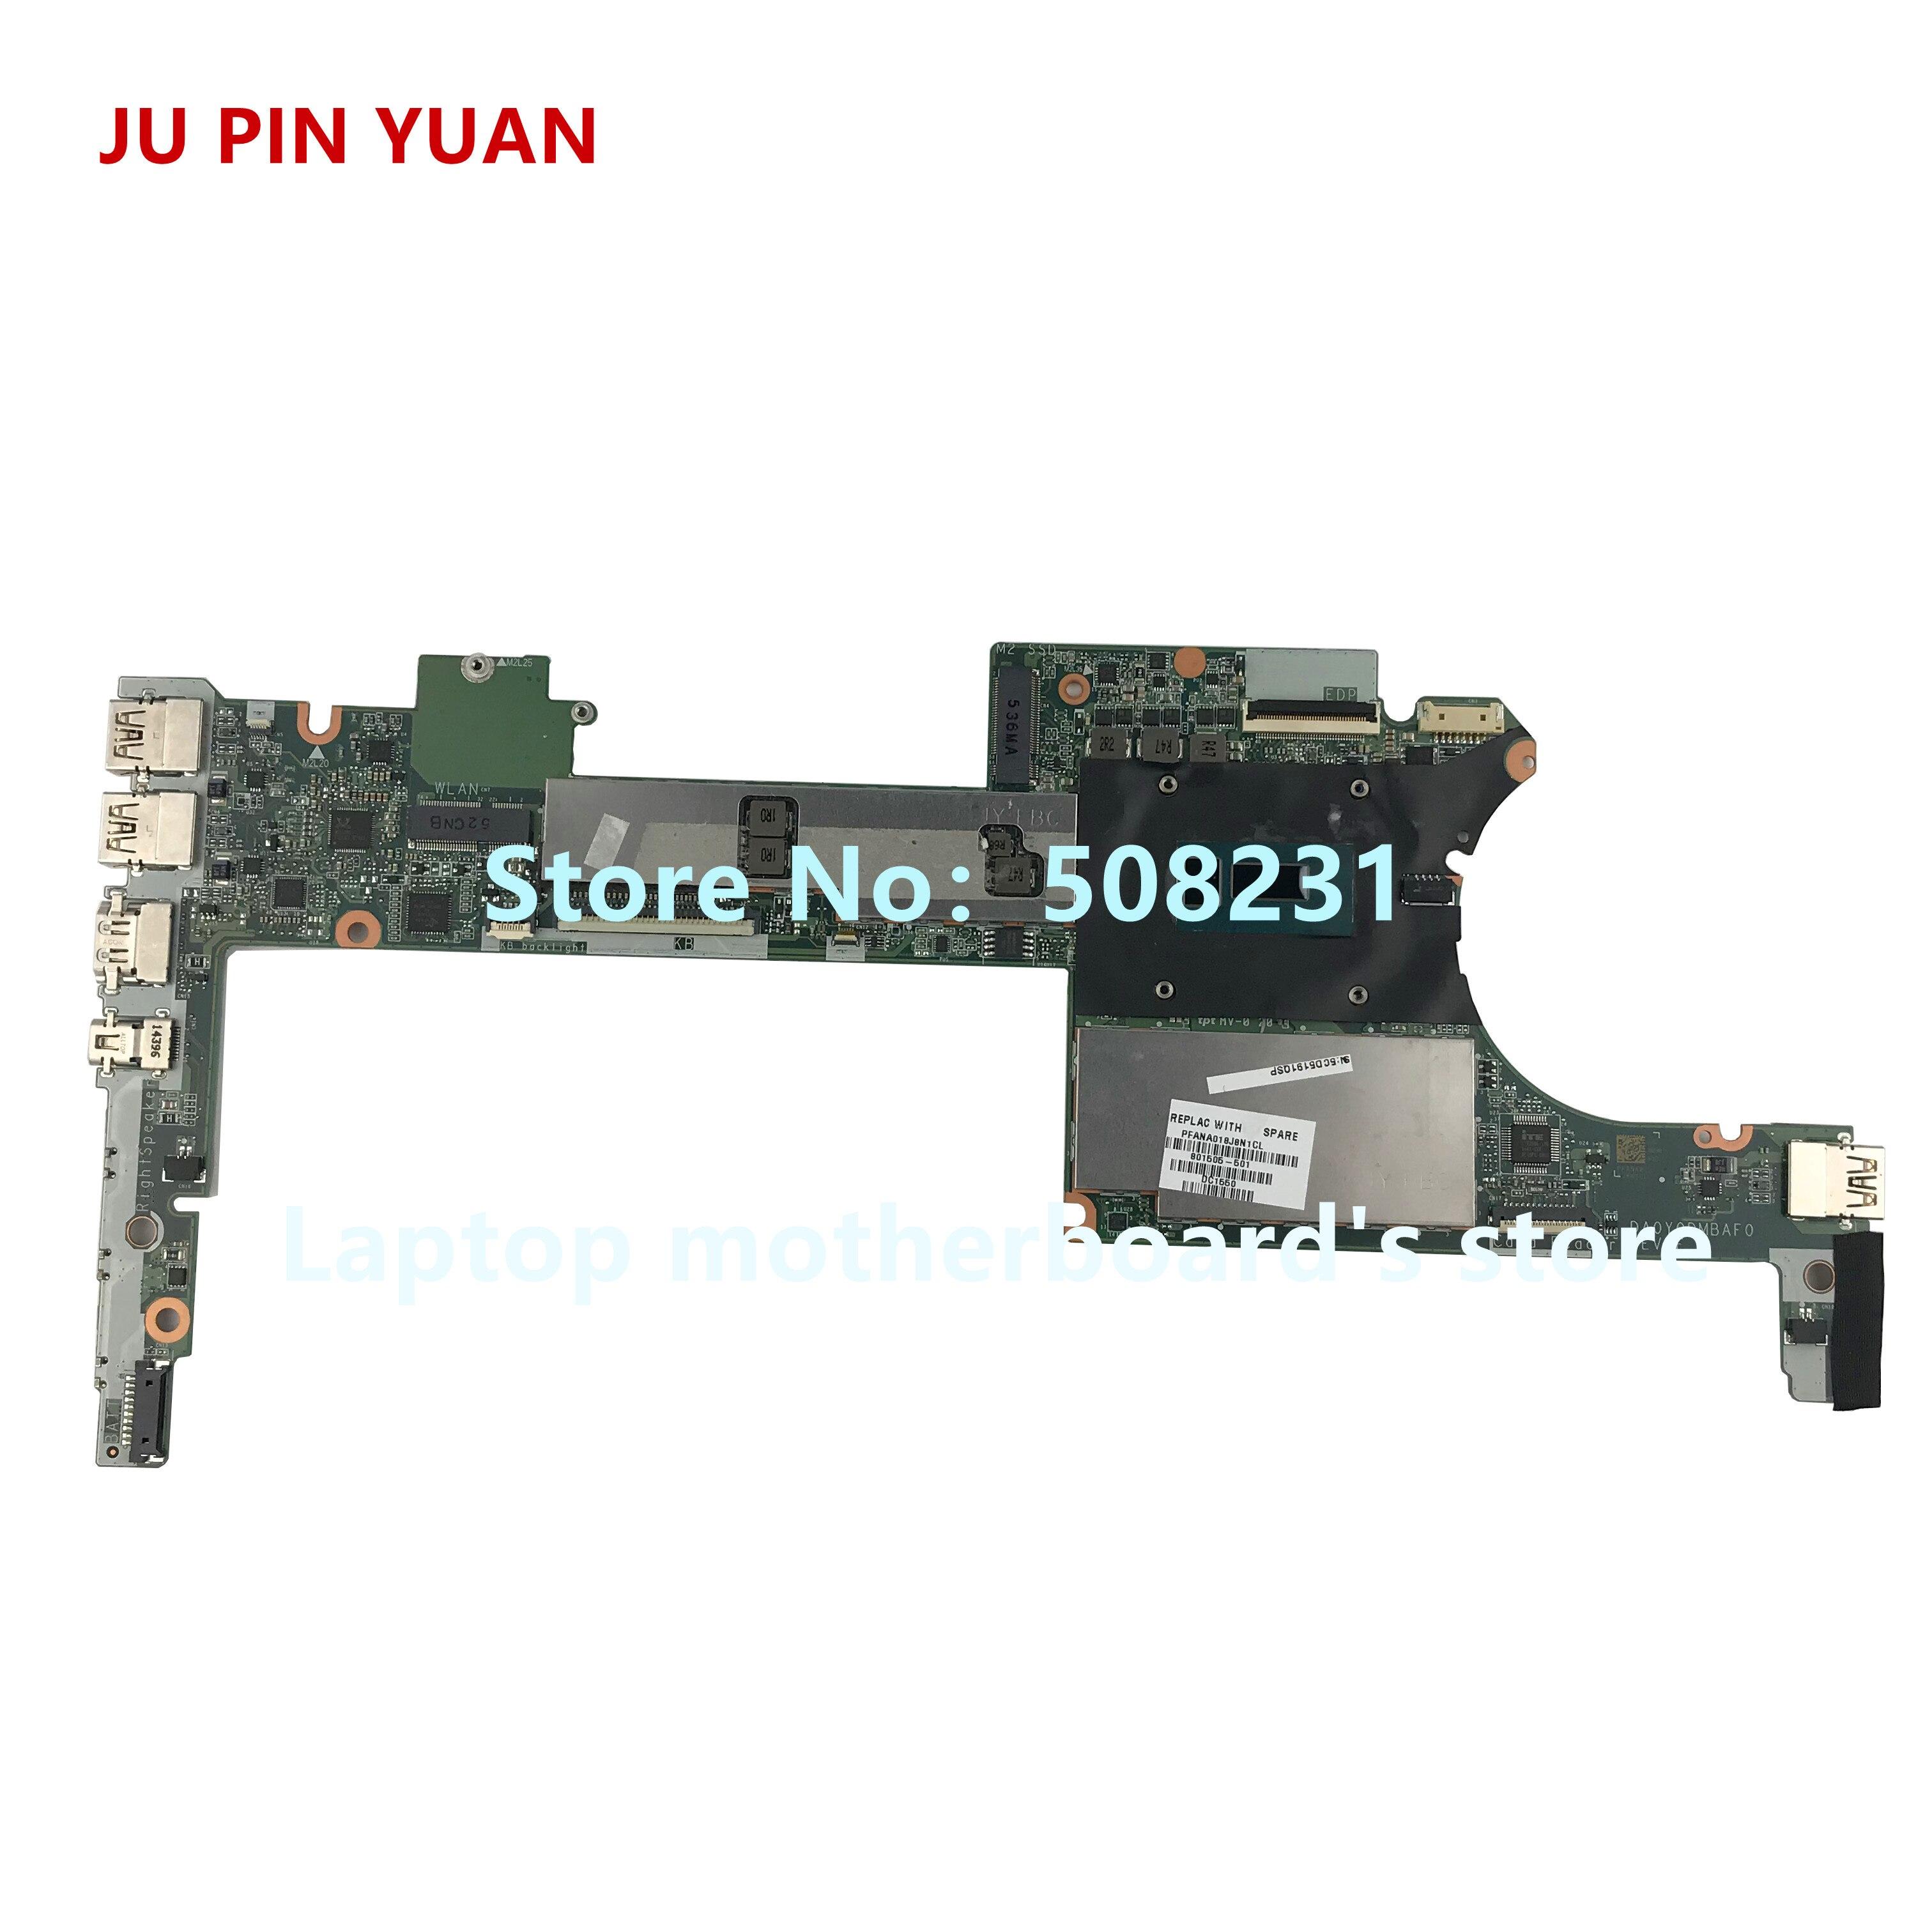 JU PIN YUANS 801505-501 801505-001 DA0Y0DMBAF0 pour HP Spectre X360 13-4000 Ordinateur Portable Carte Mère avec i7-5500U 8 gb entièrement Testé